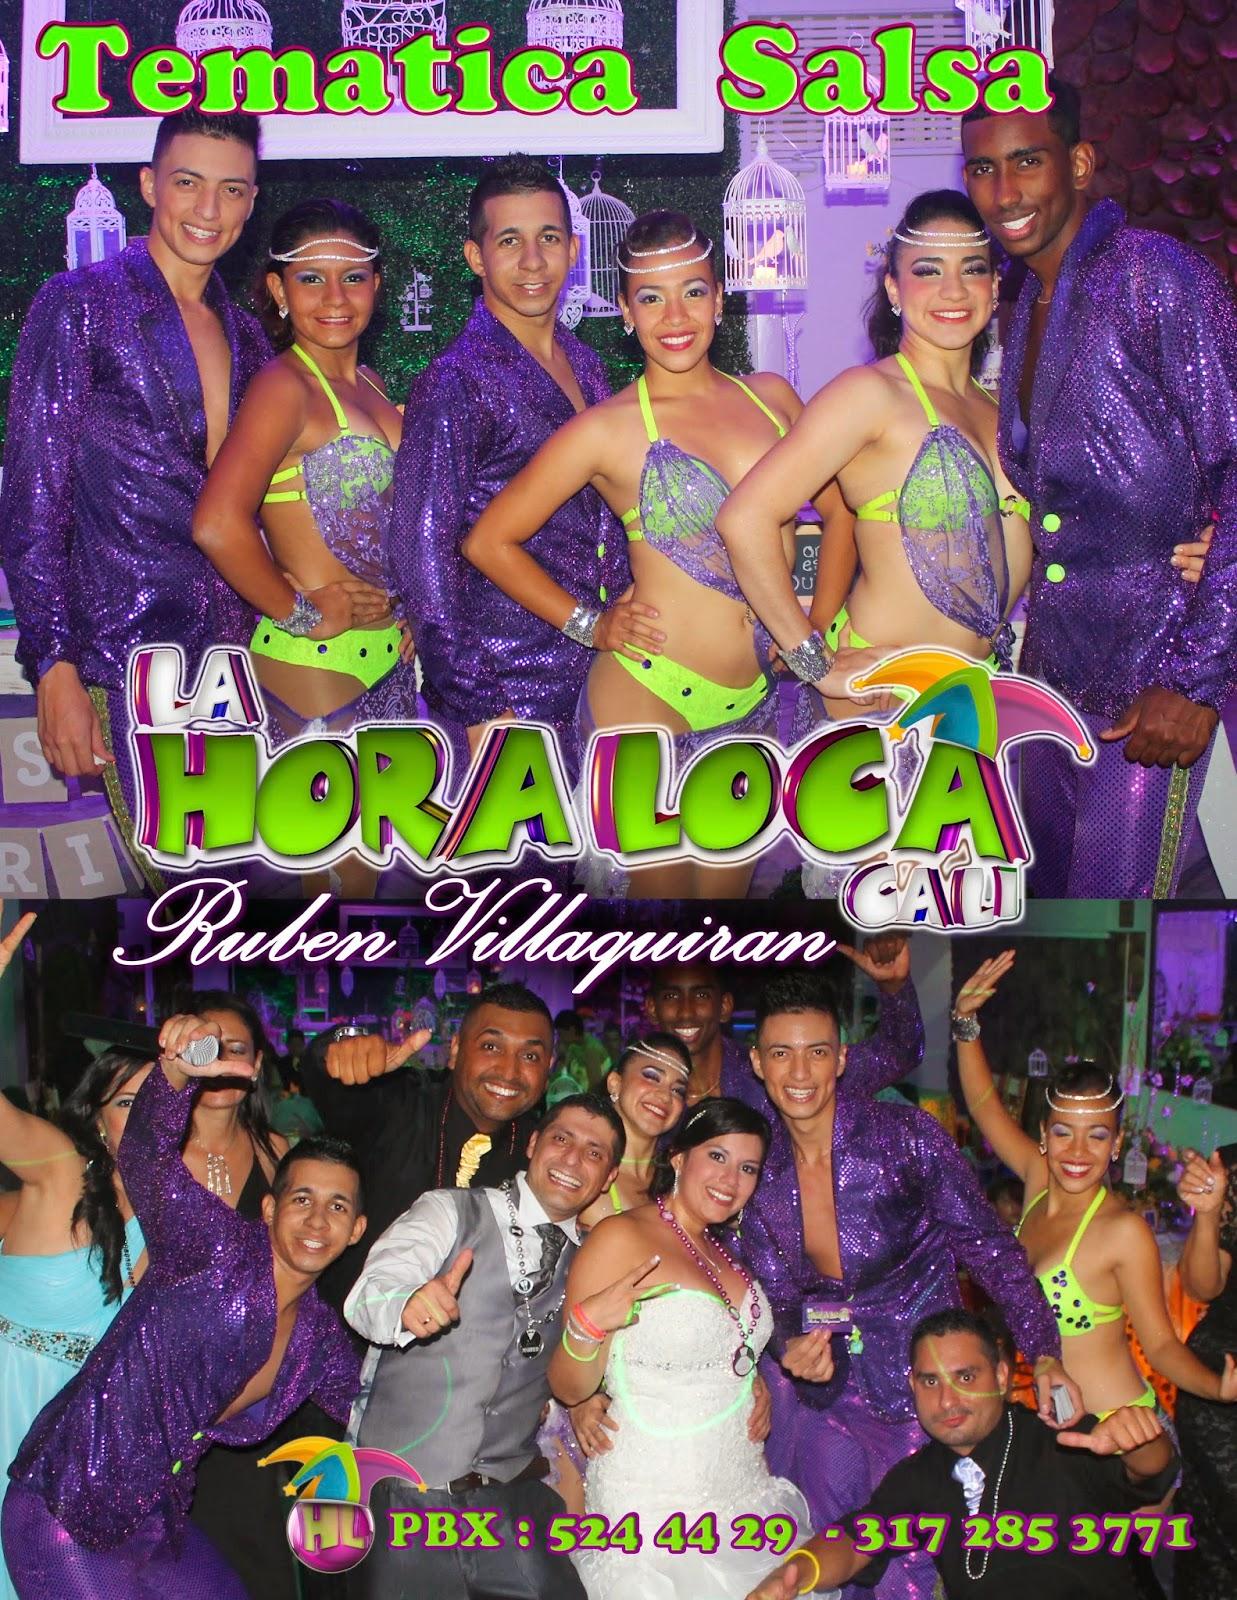 bailarines salsa, dance, latino. Bodas, matrimonios